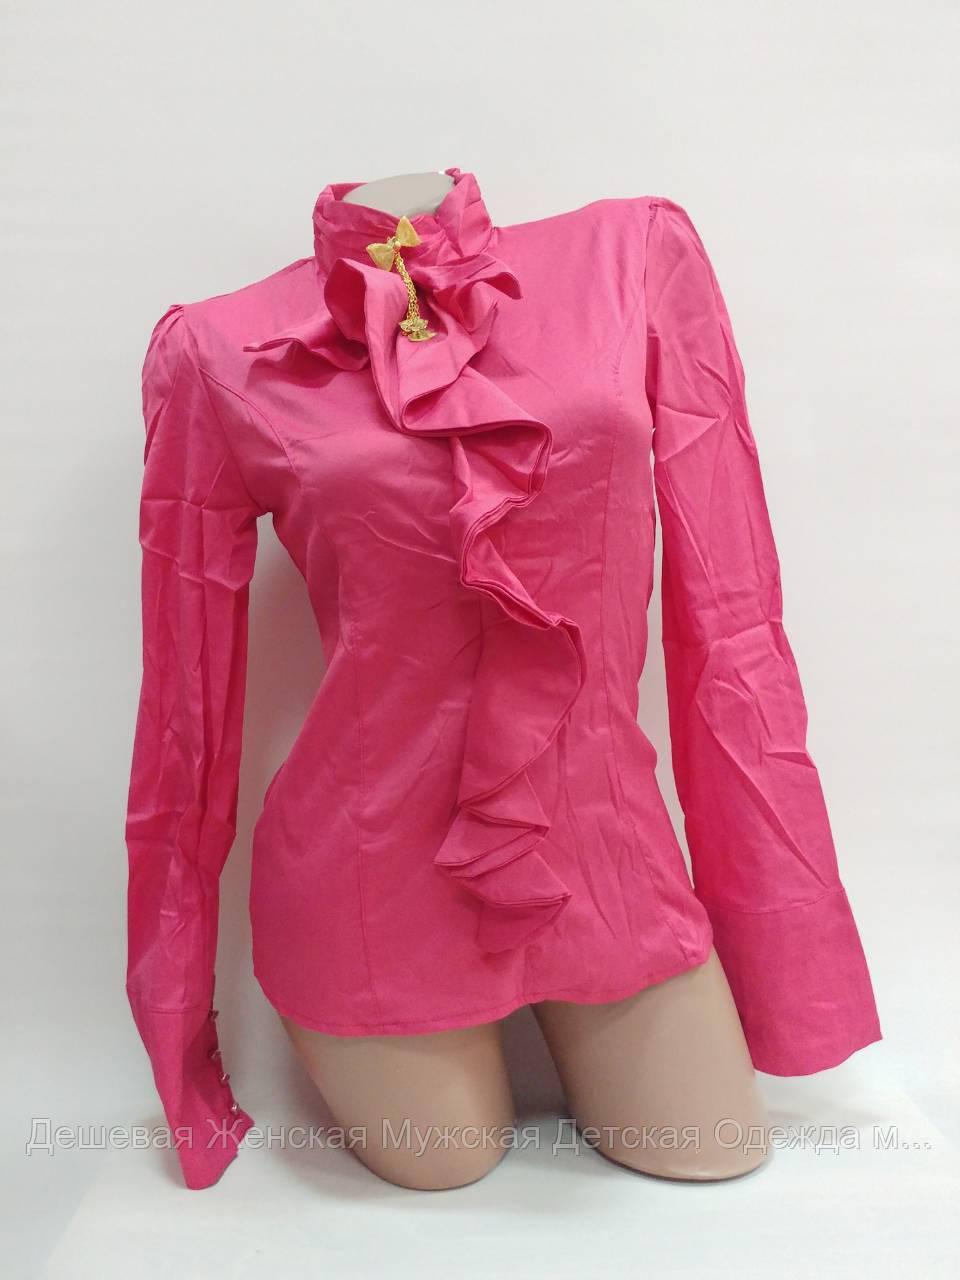 Блузка женская. В упаковке 5 шт. Размеры 36-44.